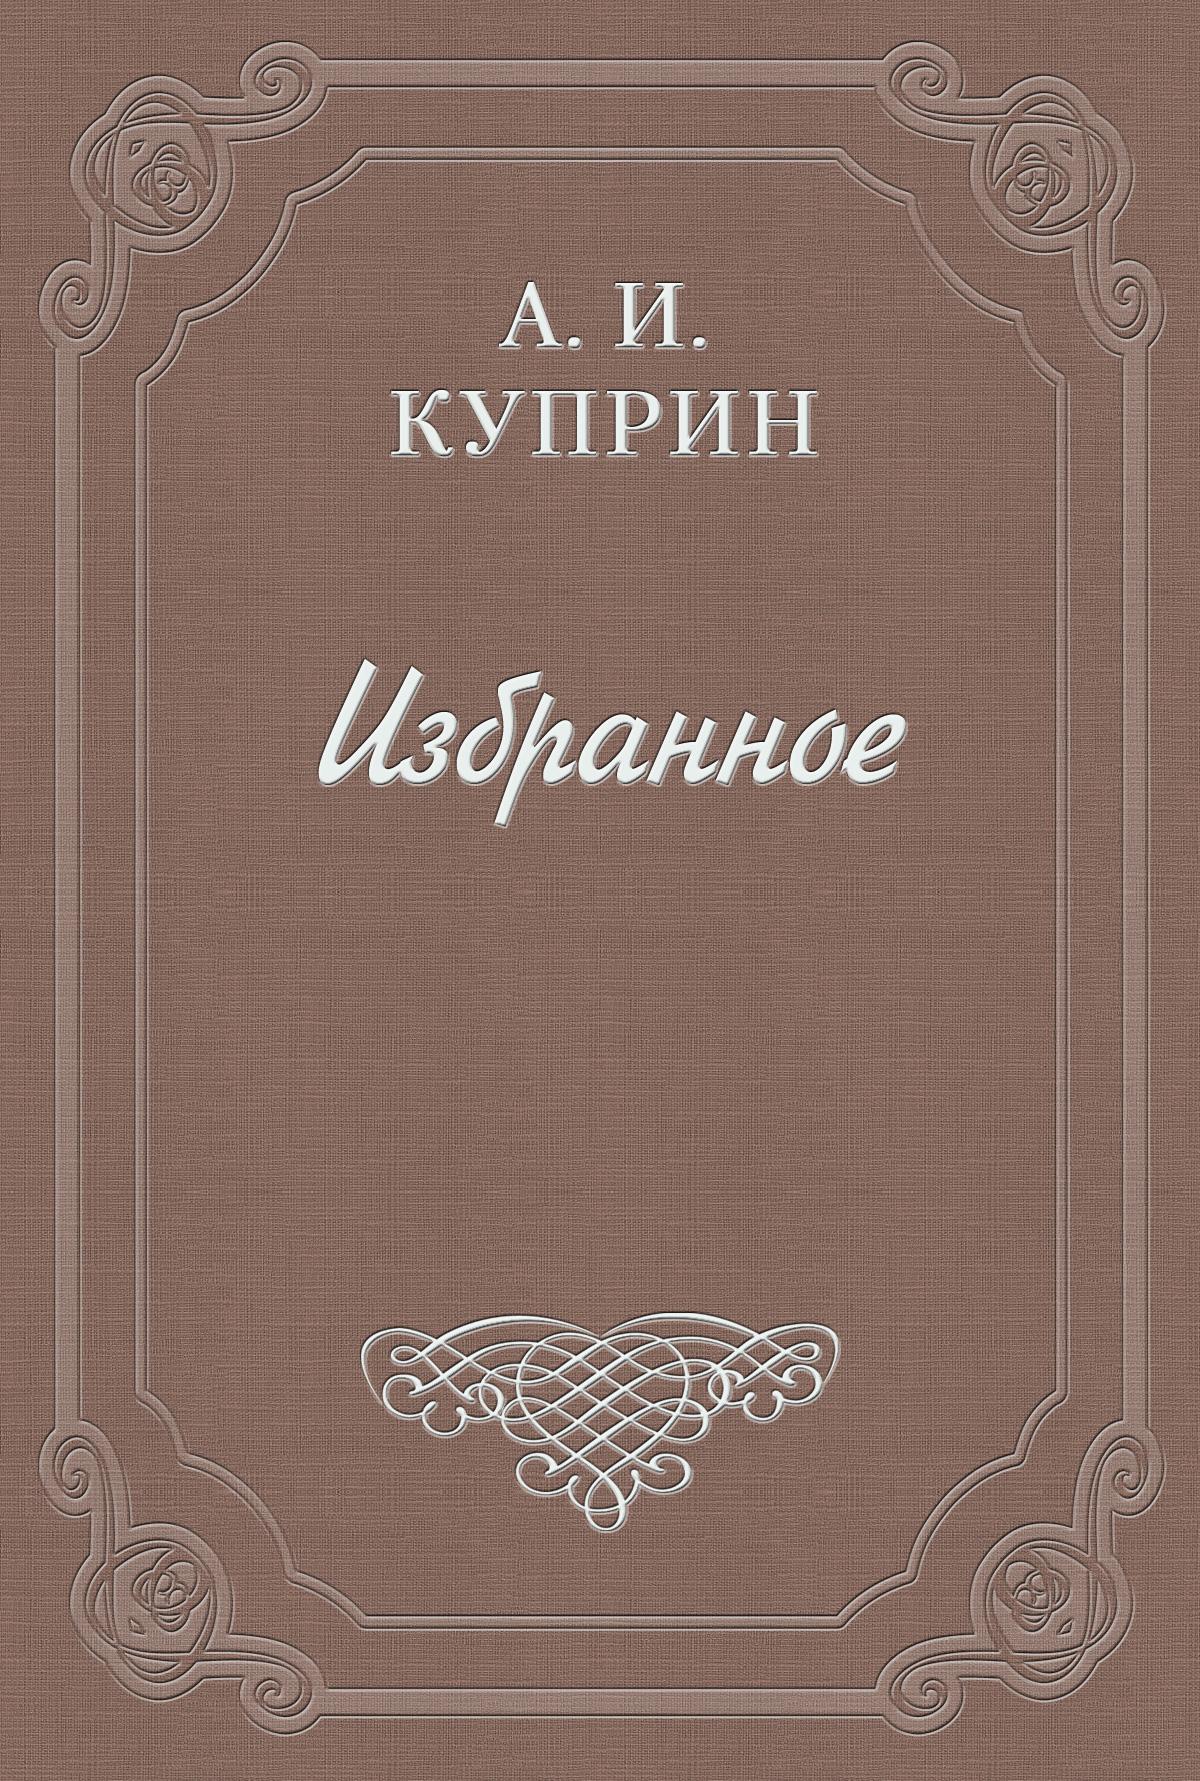 Александр Куприн Анатолий II анатолий кролл